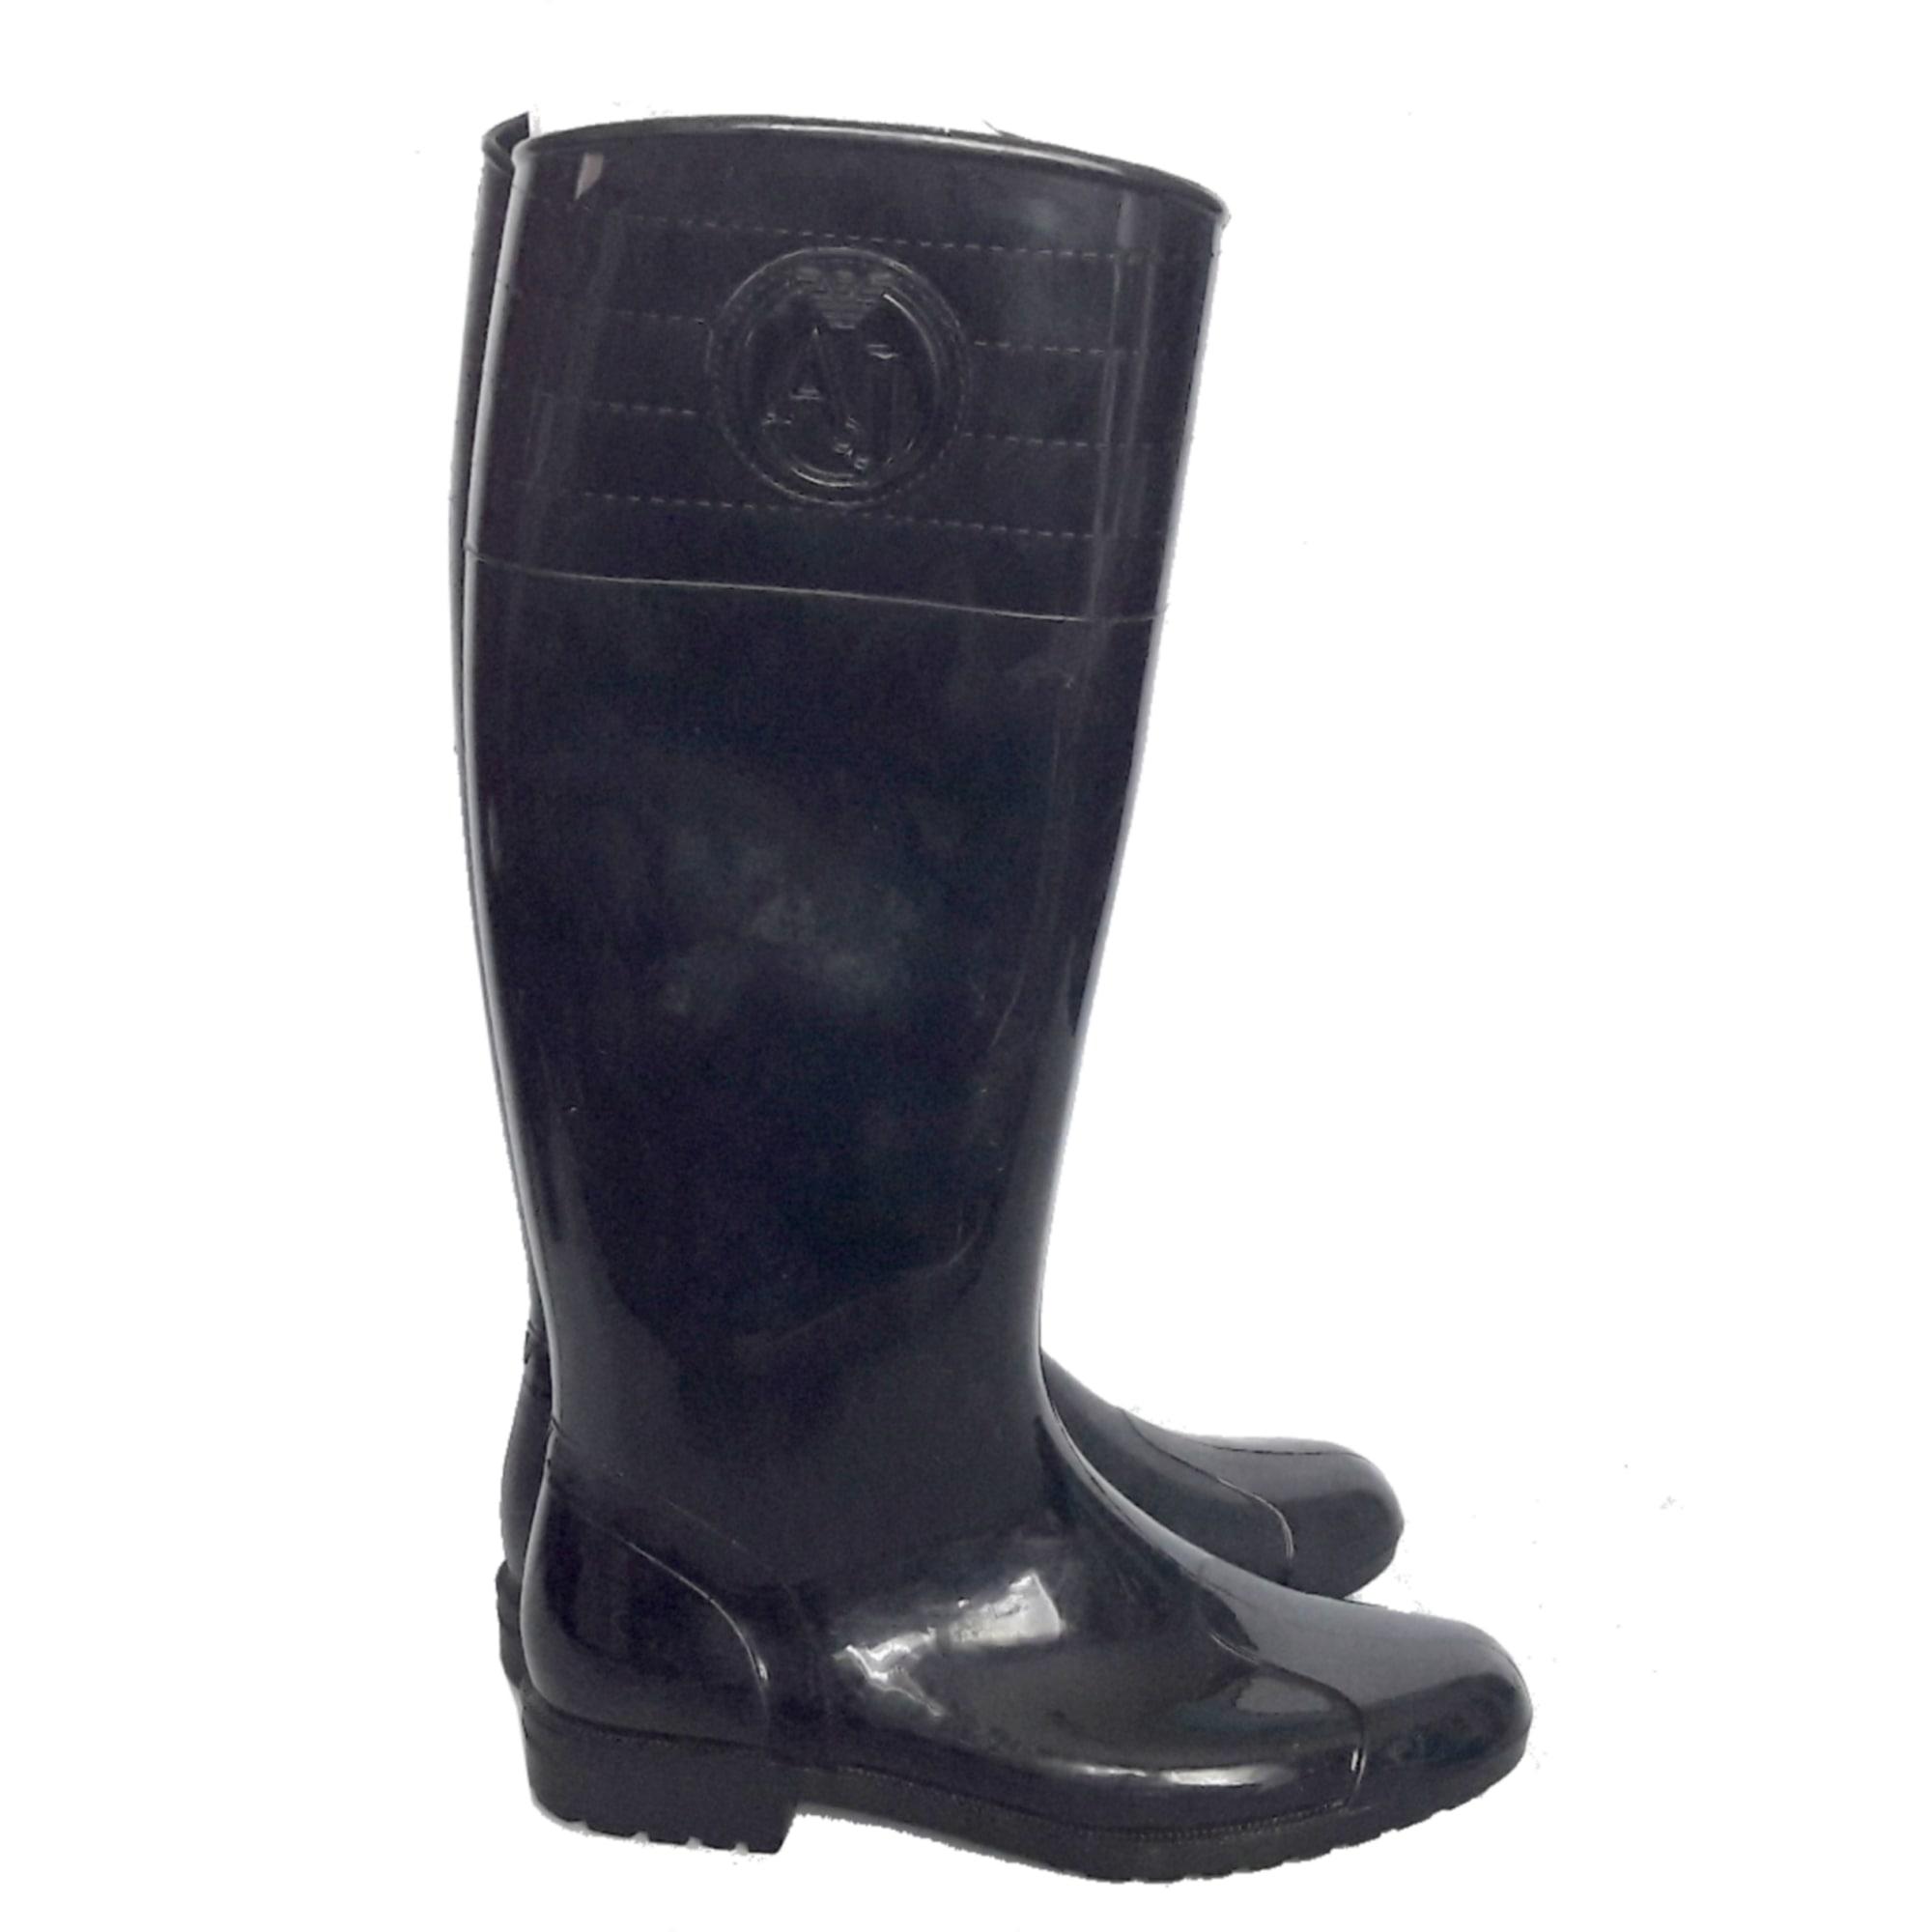 new product e9870 67191 Stivali da pioggia ARMANI JEANS